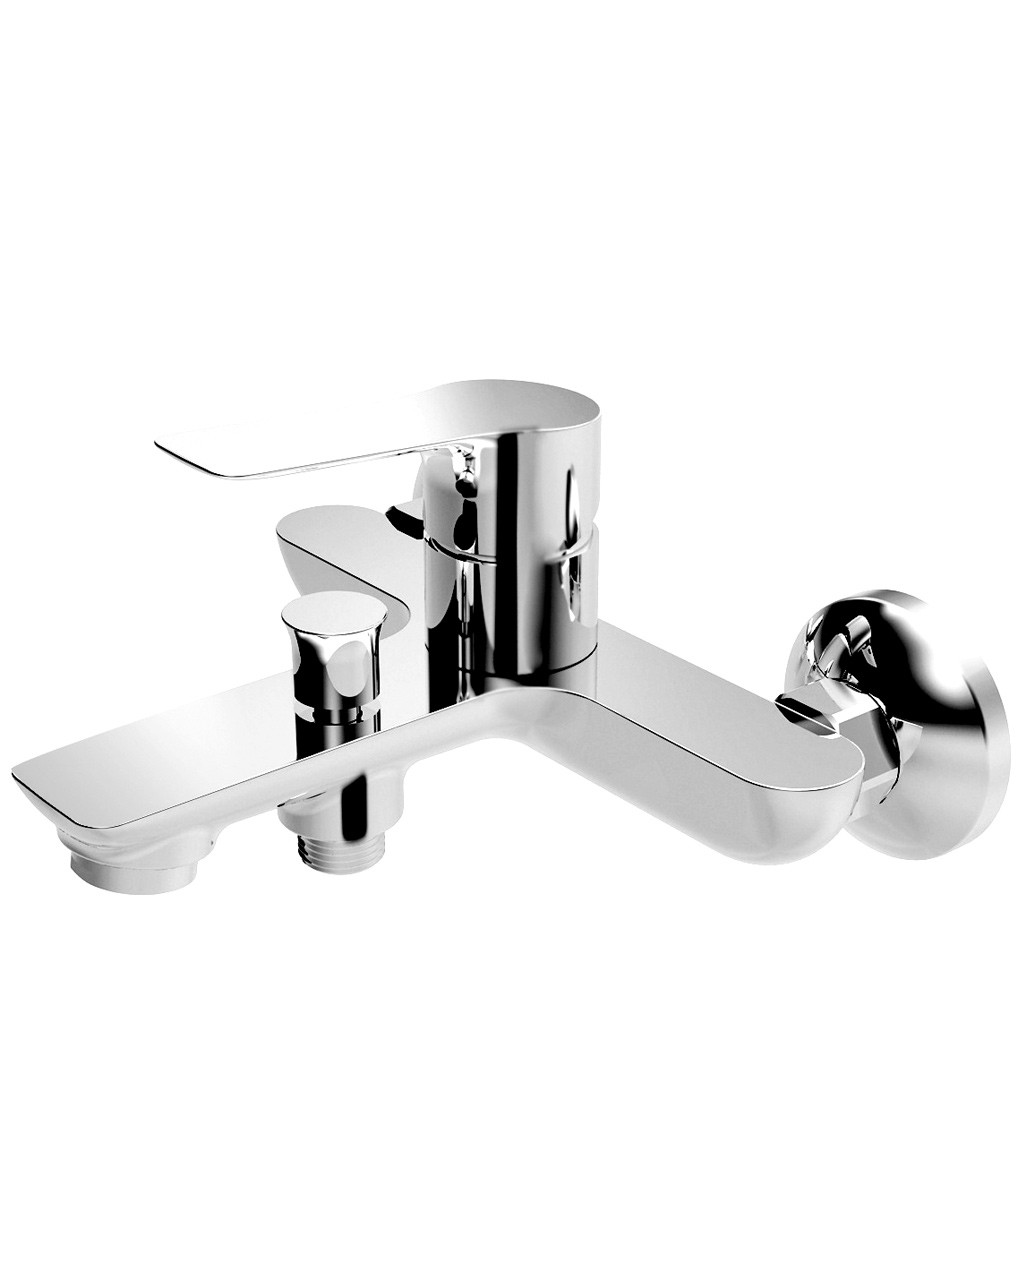 KUCERA смеситель для ванны, хром 35мм